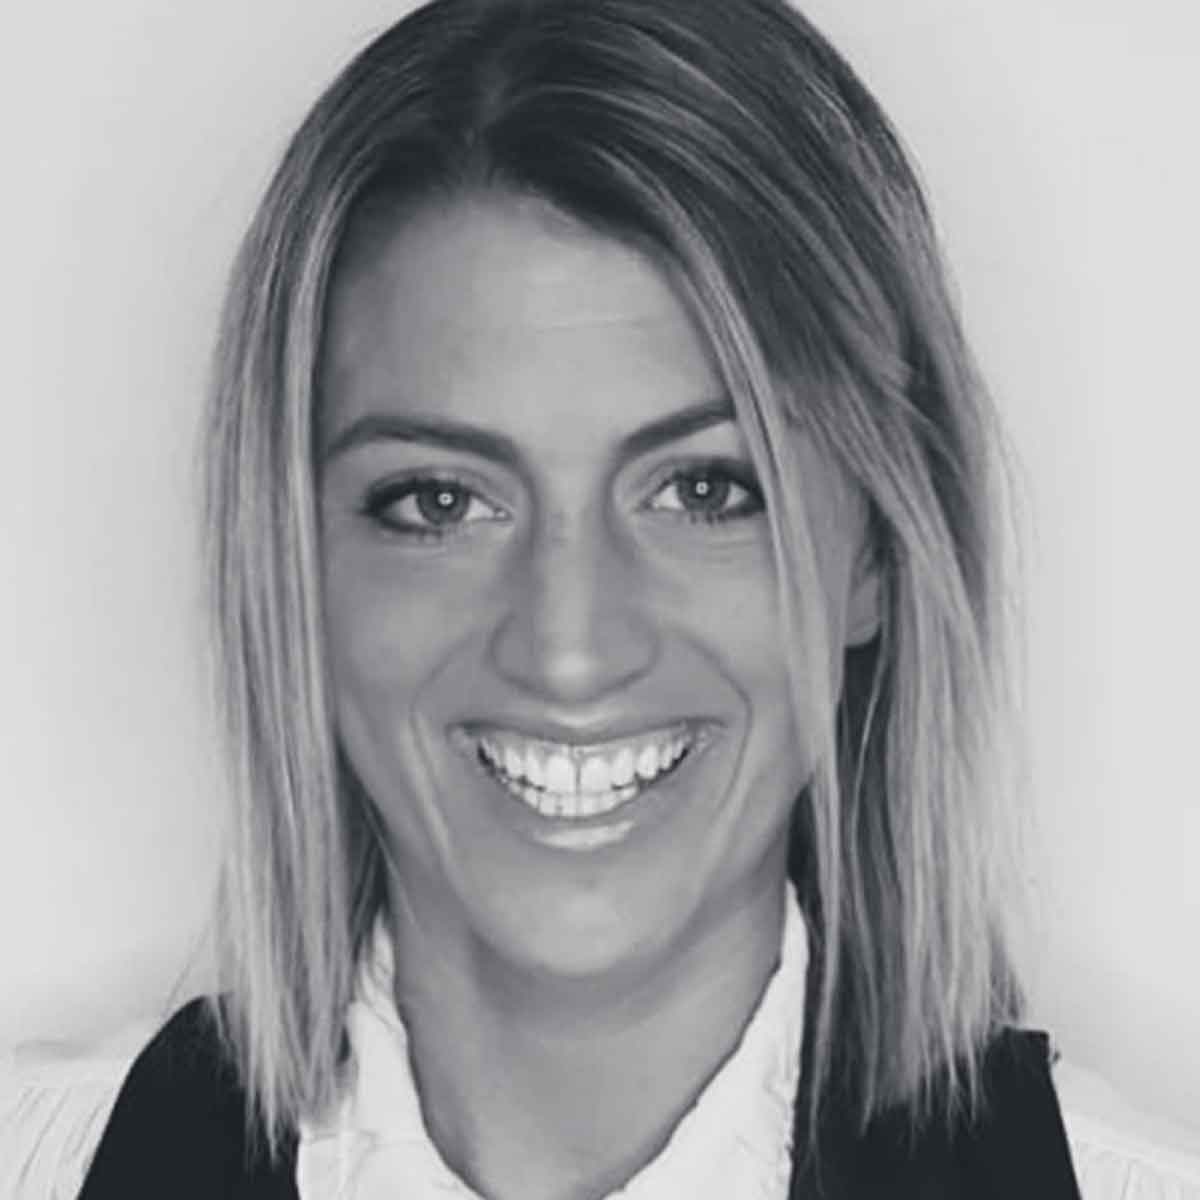 Verena Kassegger